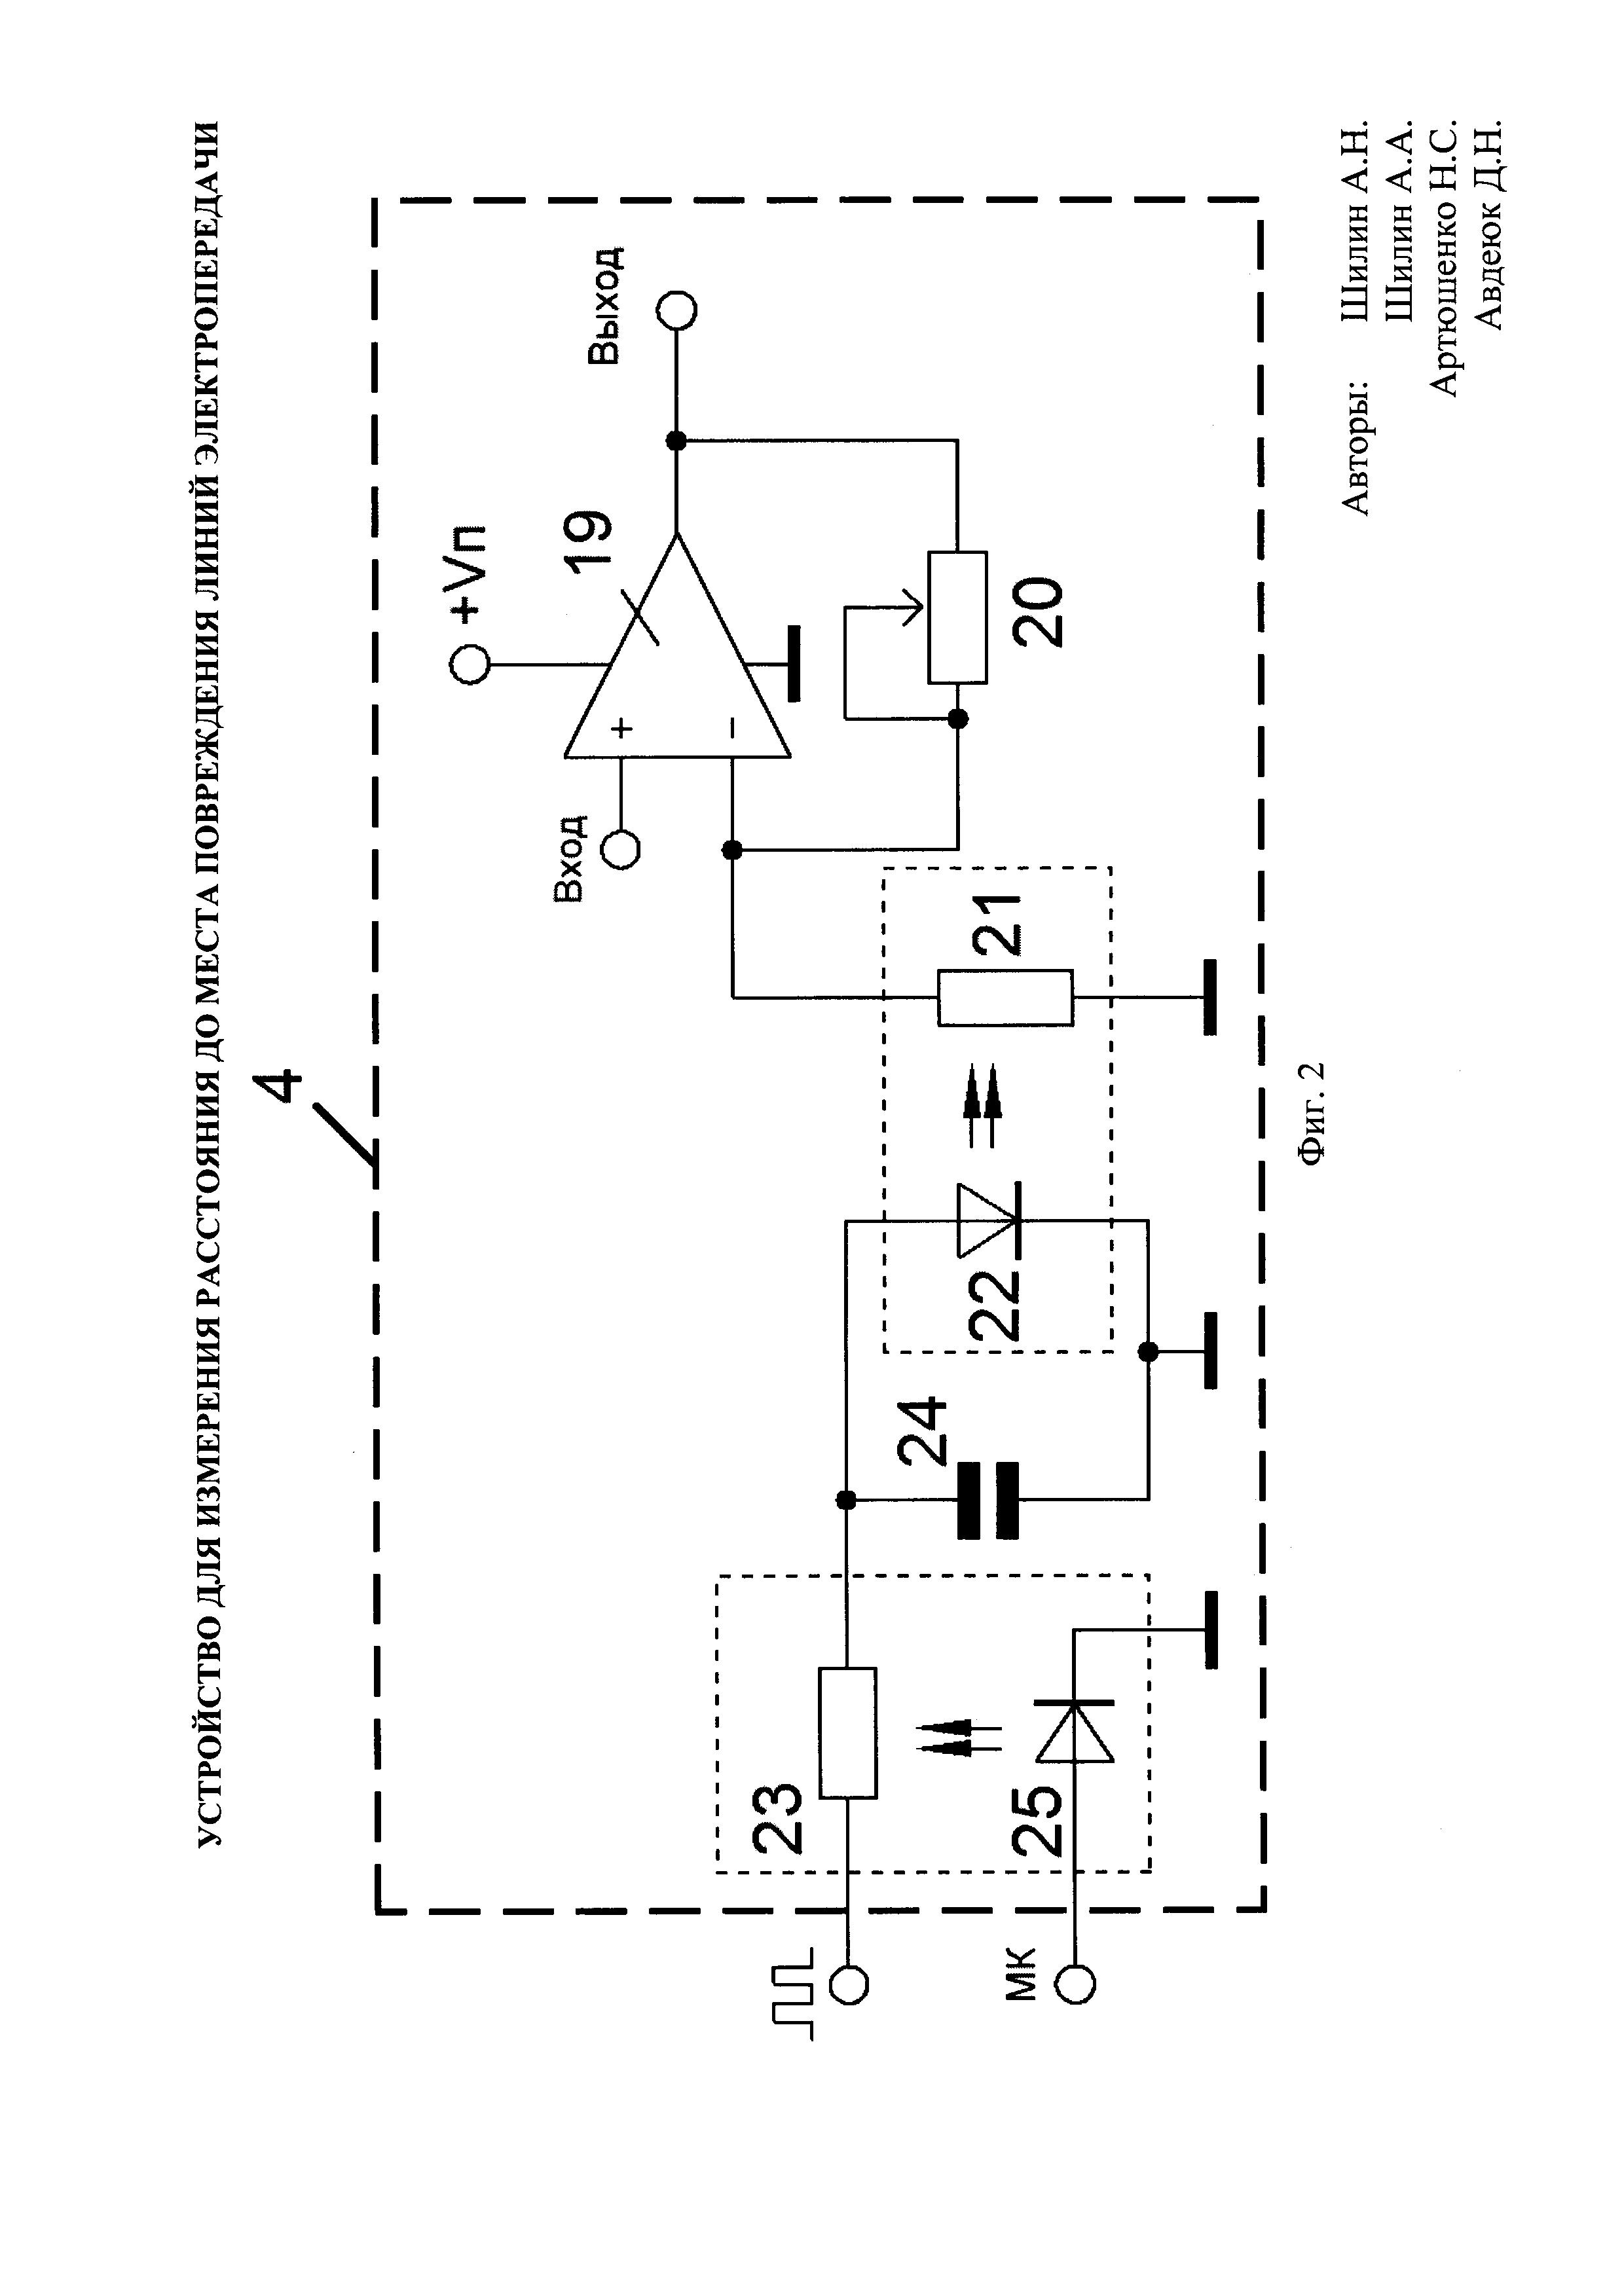 Устройство для измерения расстояния до места повреждения линий электропередачи